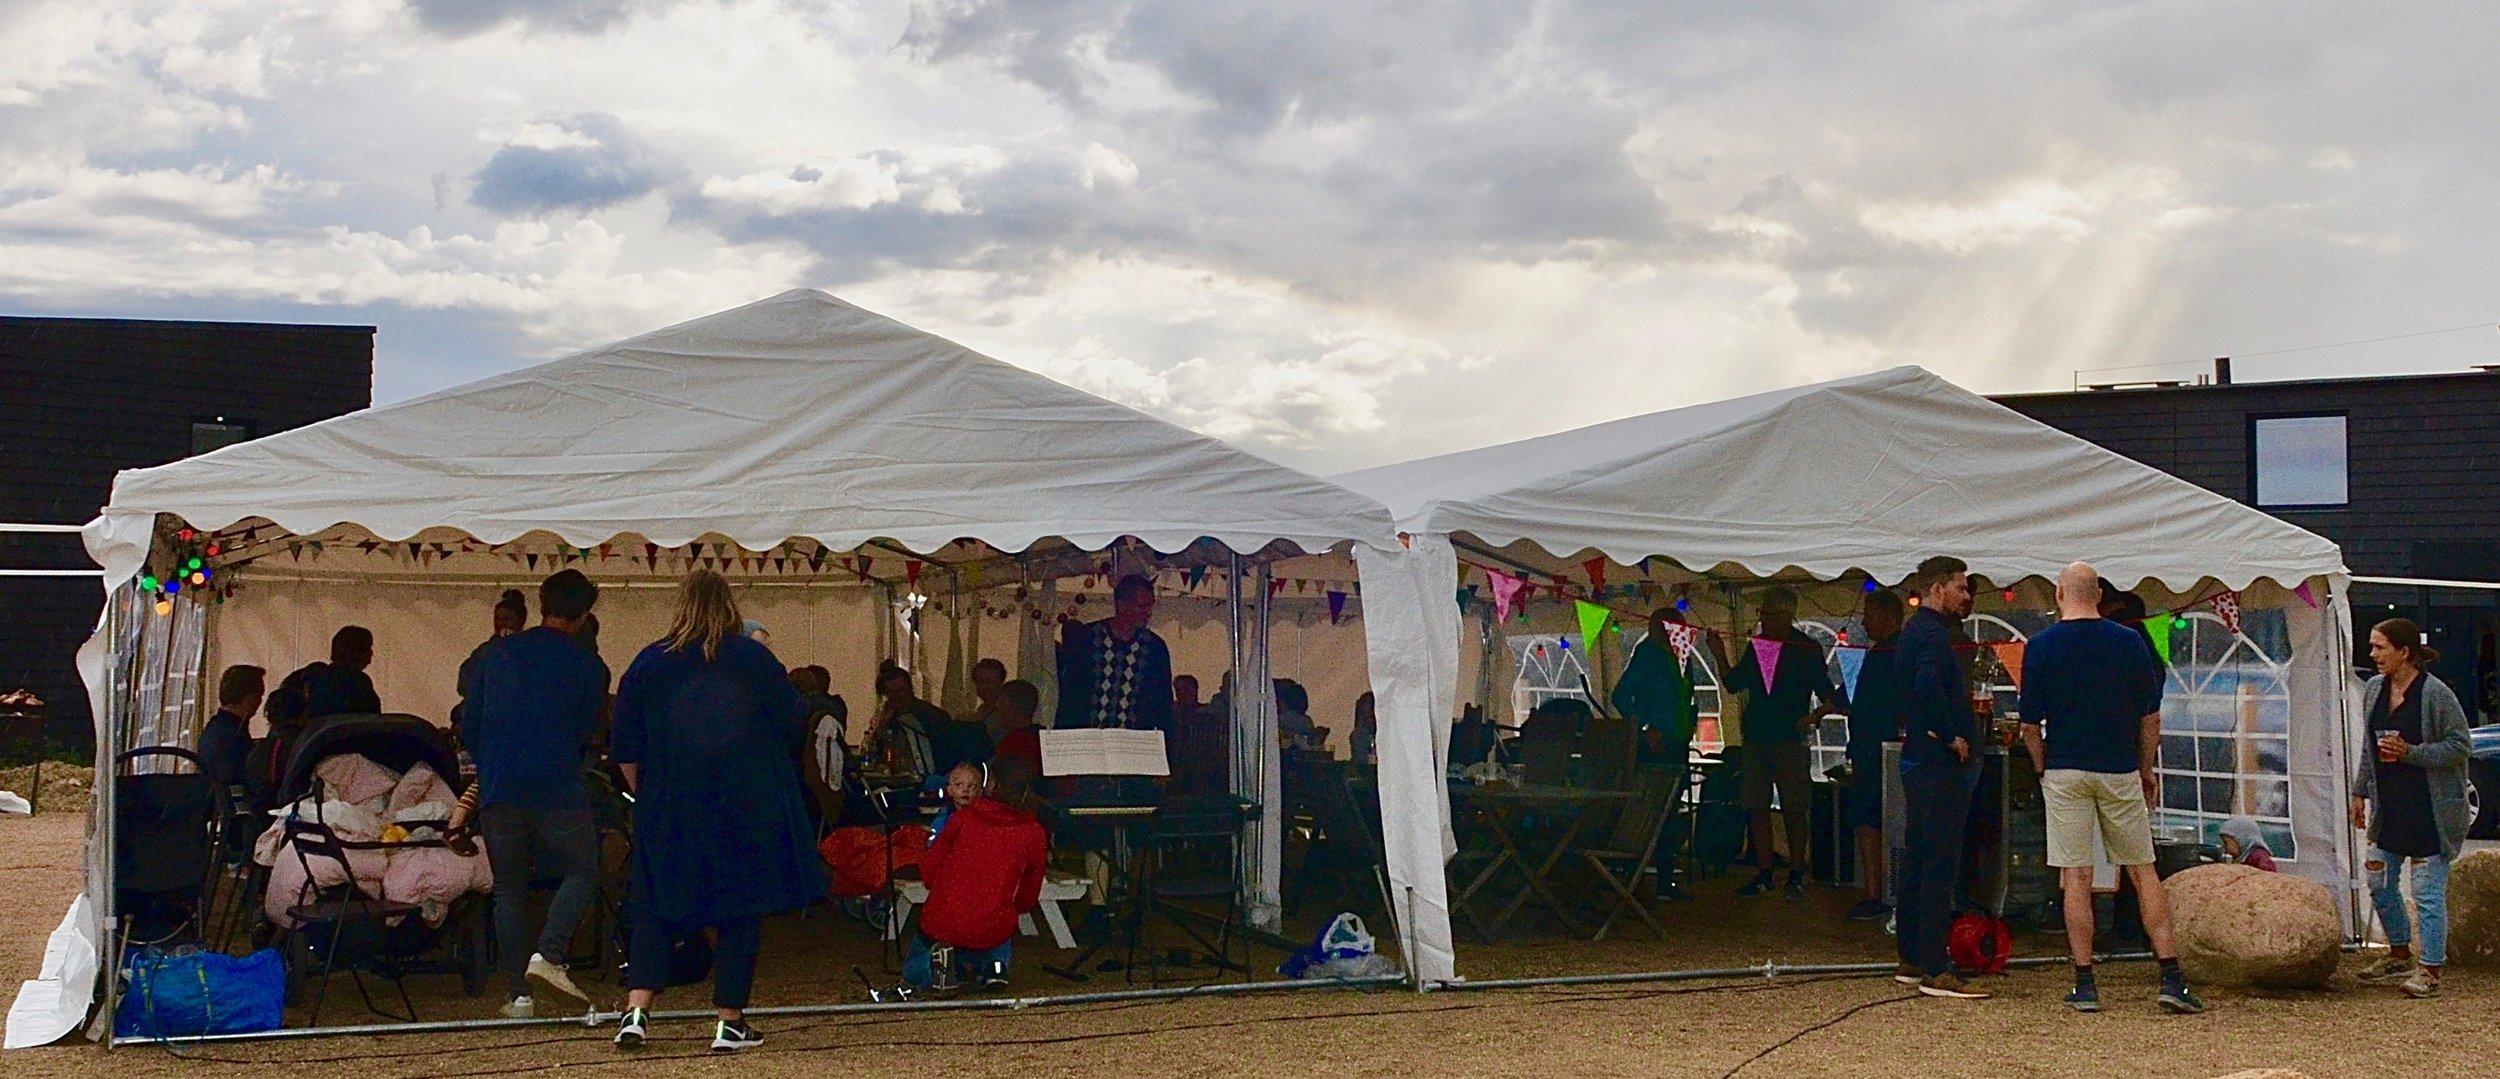 Arrangørerne havde fået opstillet et stort dobbelt telt, hvilket viste sig at være en god disponering, idet det på et tidspunkt begyndte at regne. Foto: AOB